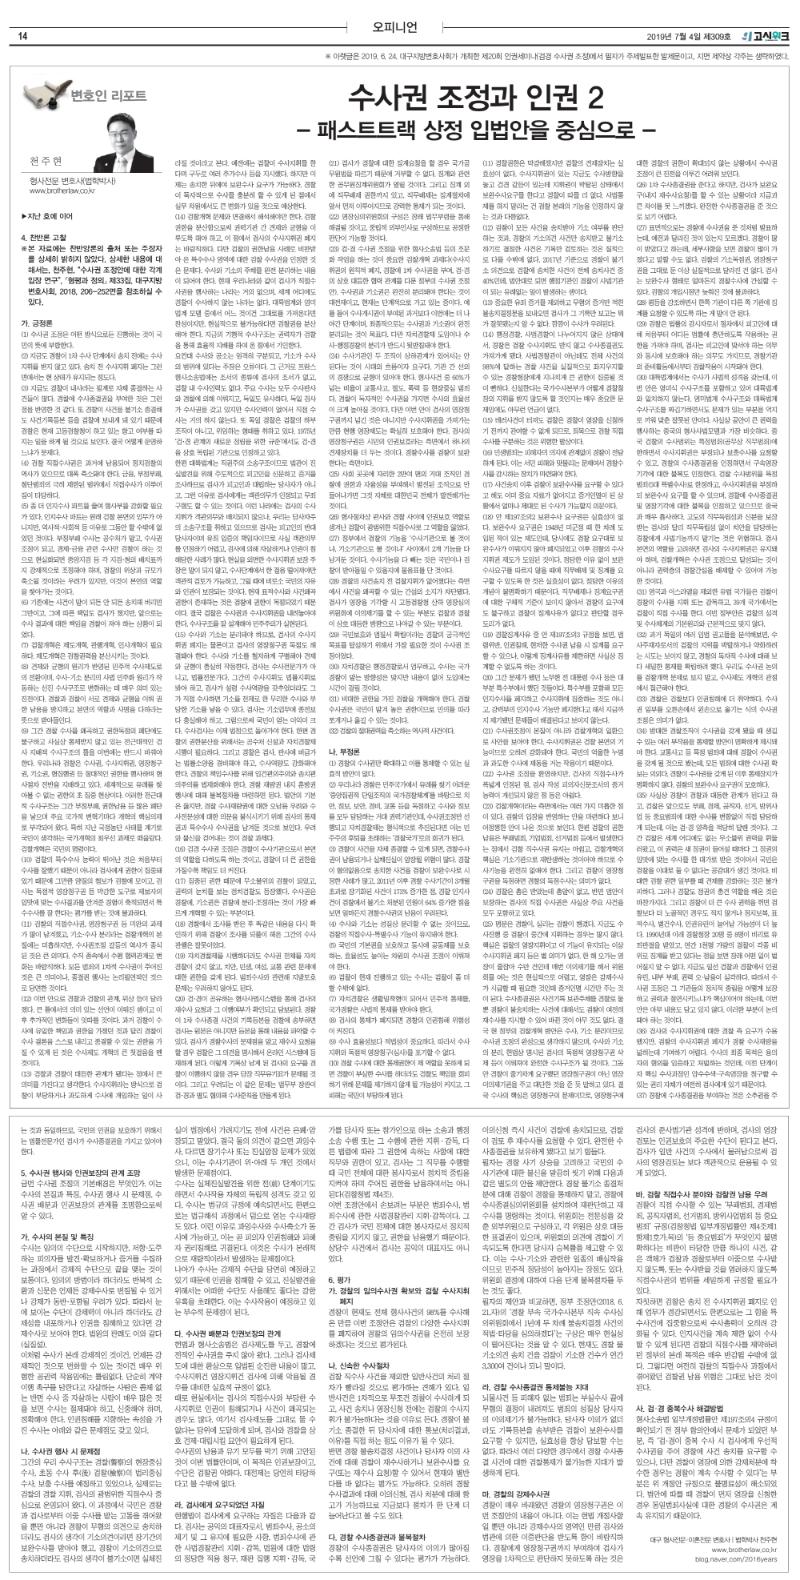 [크기변환]190704-신문 기사(수사권 조정과 인권 2)-블로그용.png